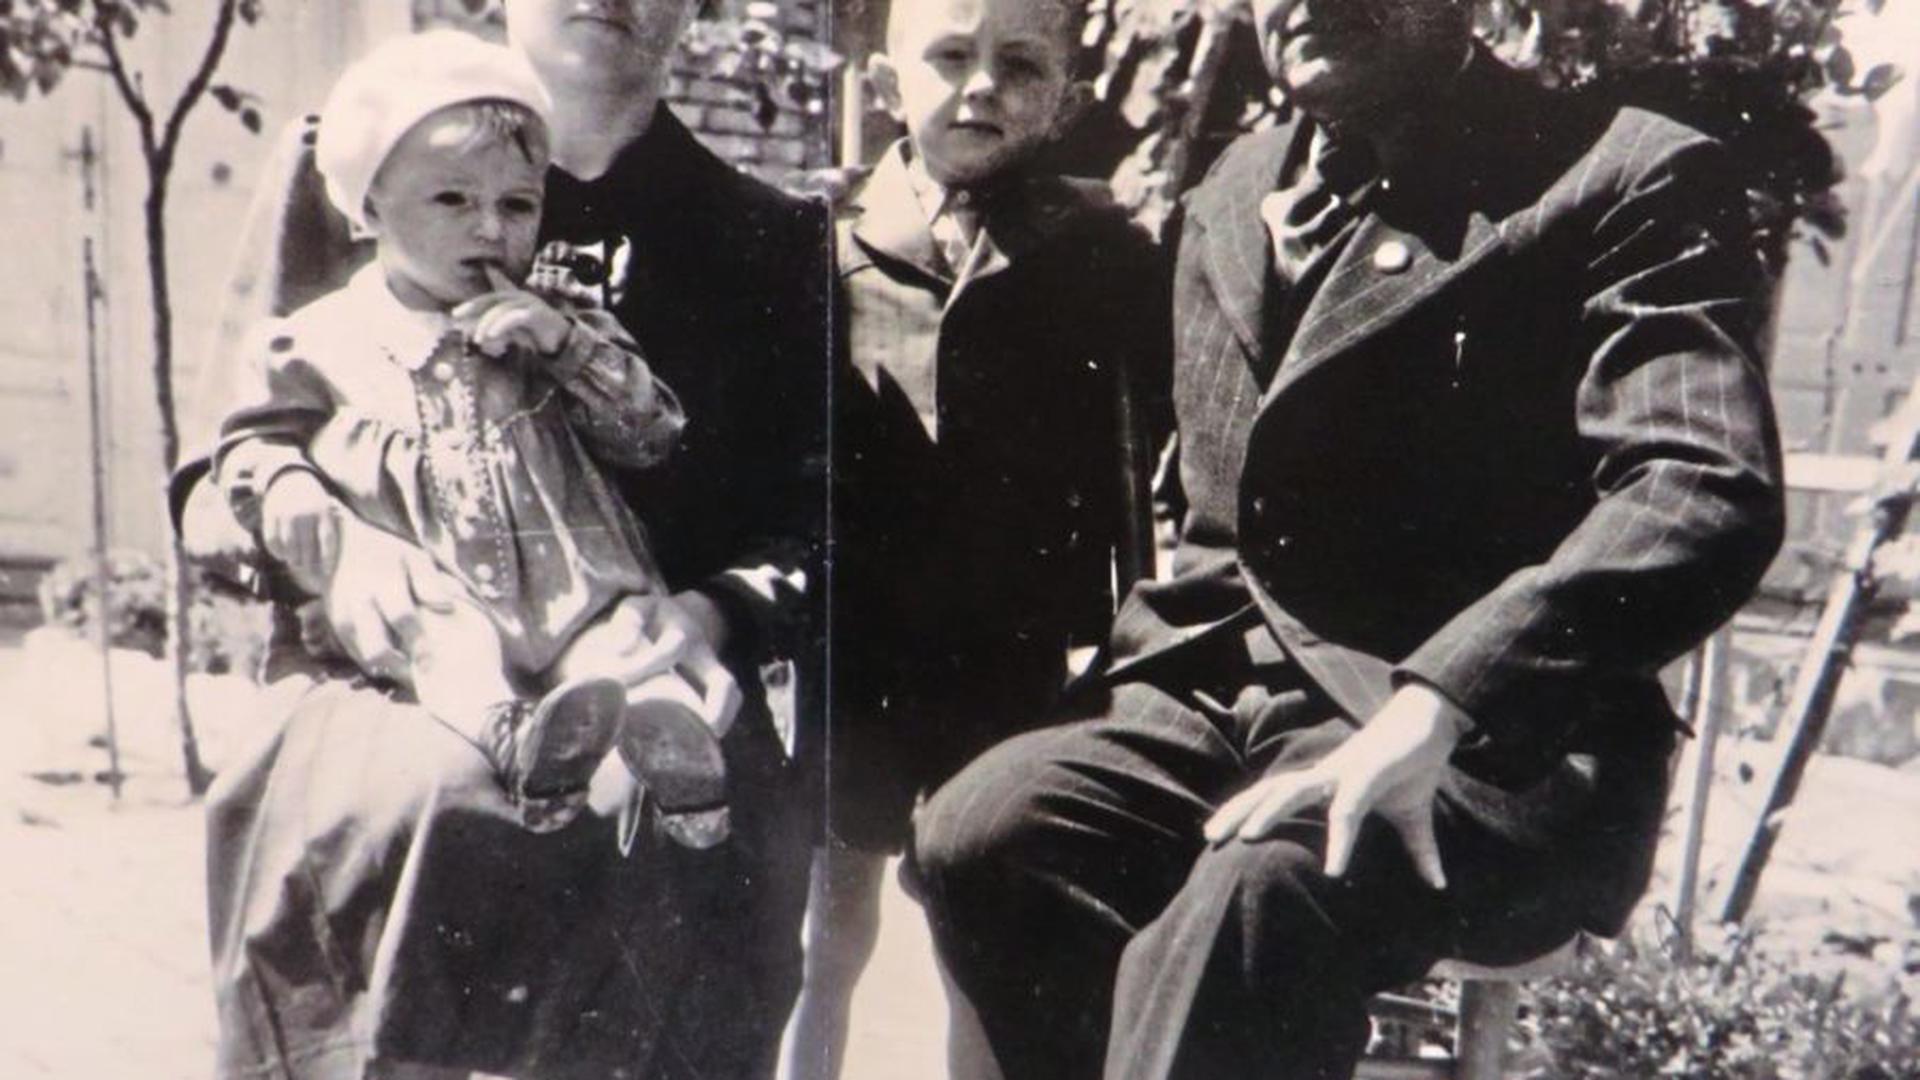 Familie Gerber in ihrer alten Heimat. Der Vater wurde erst zur ungarischen Armee, dann zur Waffen-SS eingezogen - wie alle der Männer im Dorf Kischker. Sebastian Gerber (rechts) war acht, als die Familie floh, sein Bruder (links) gerade zwei Jahre alt.